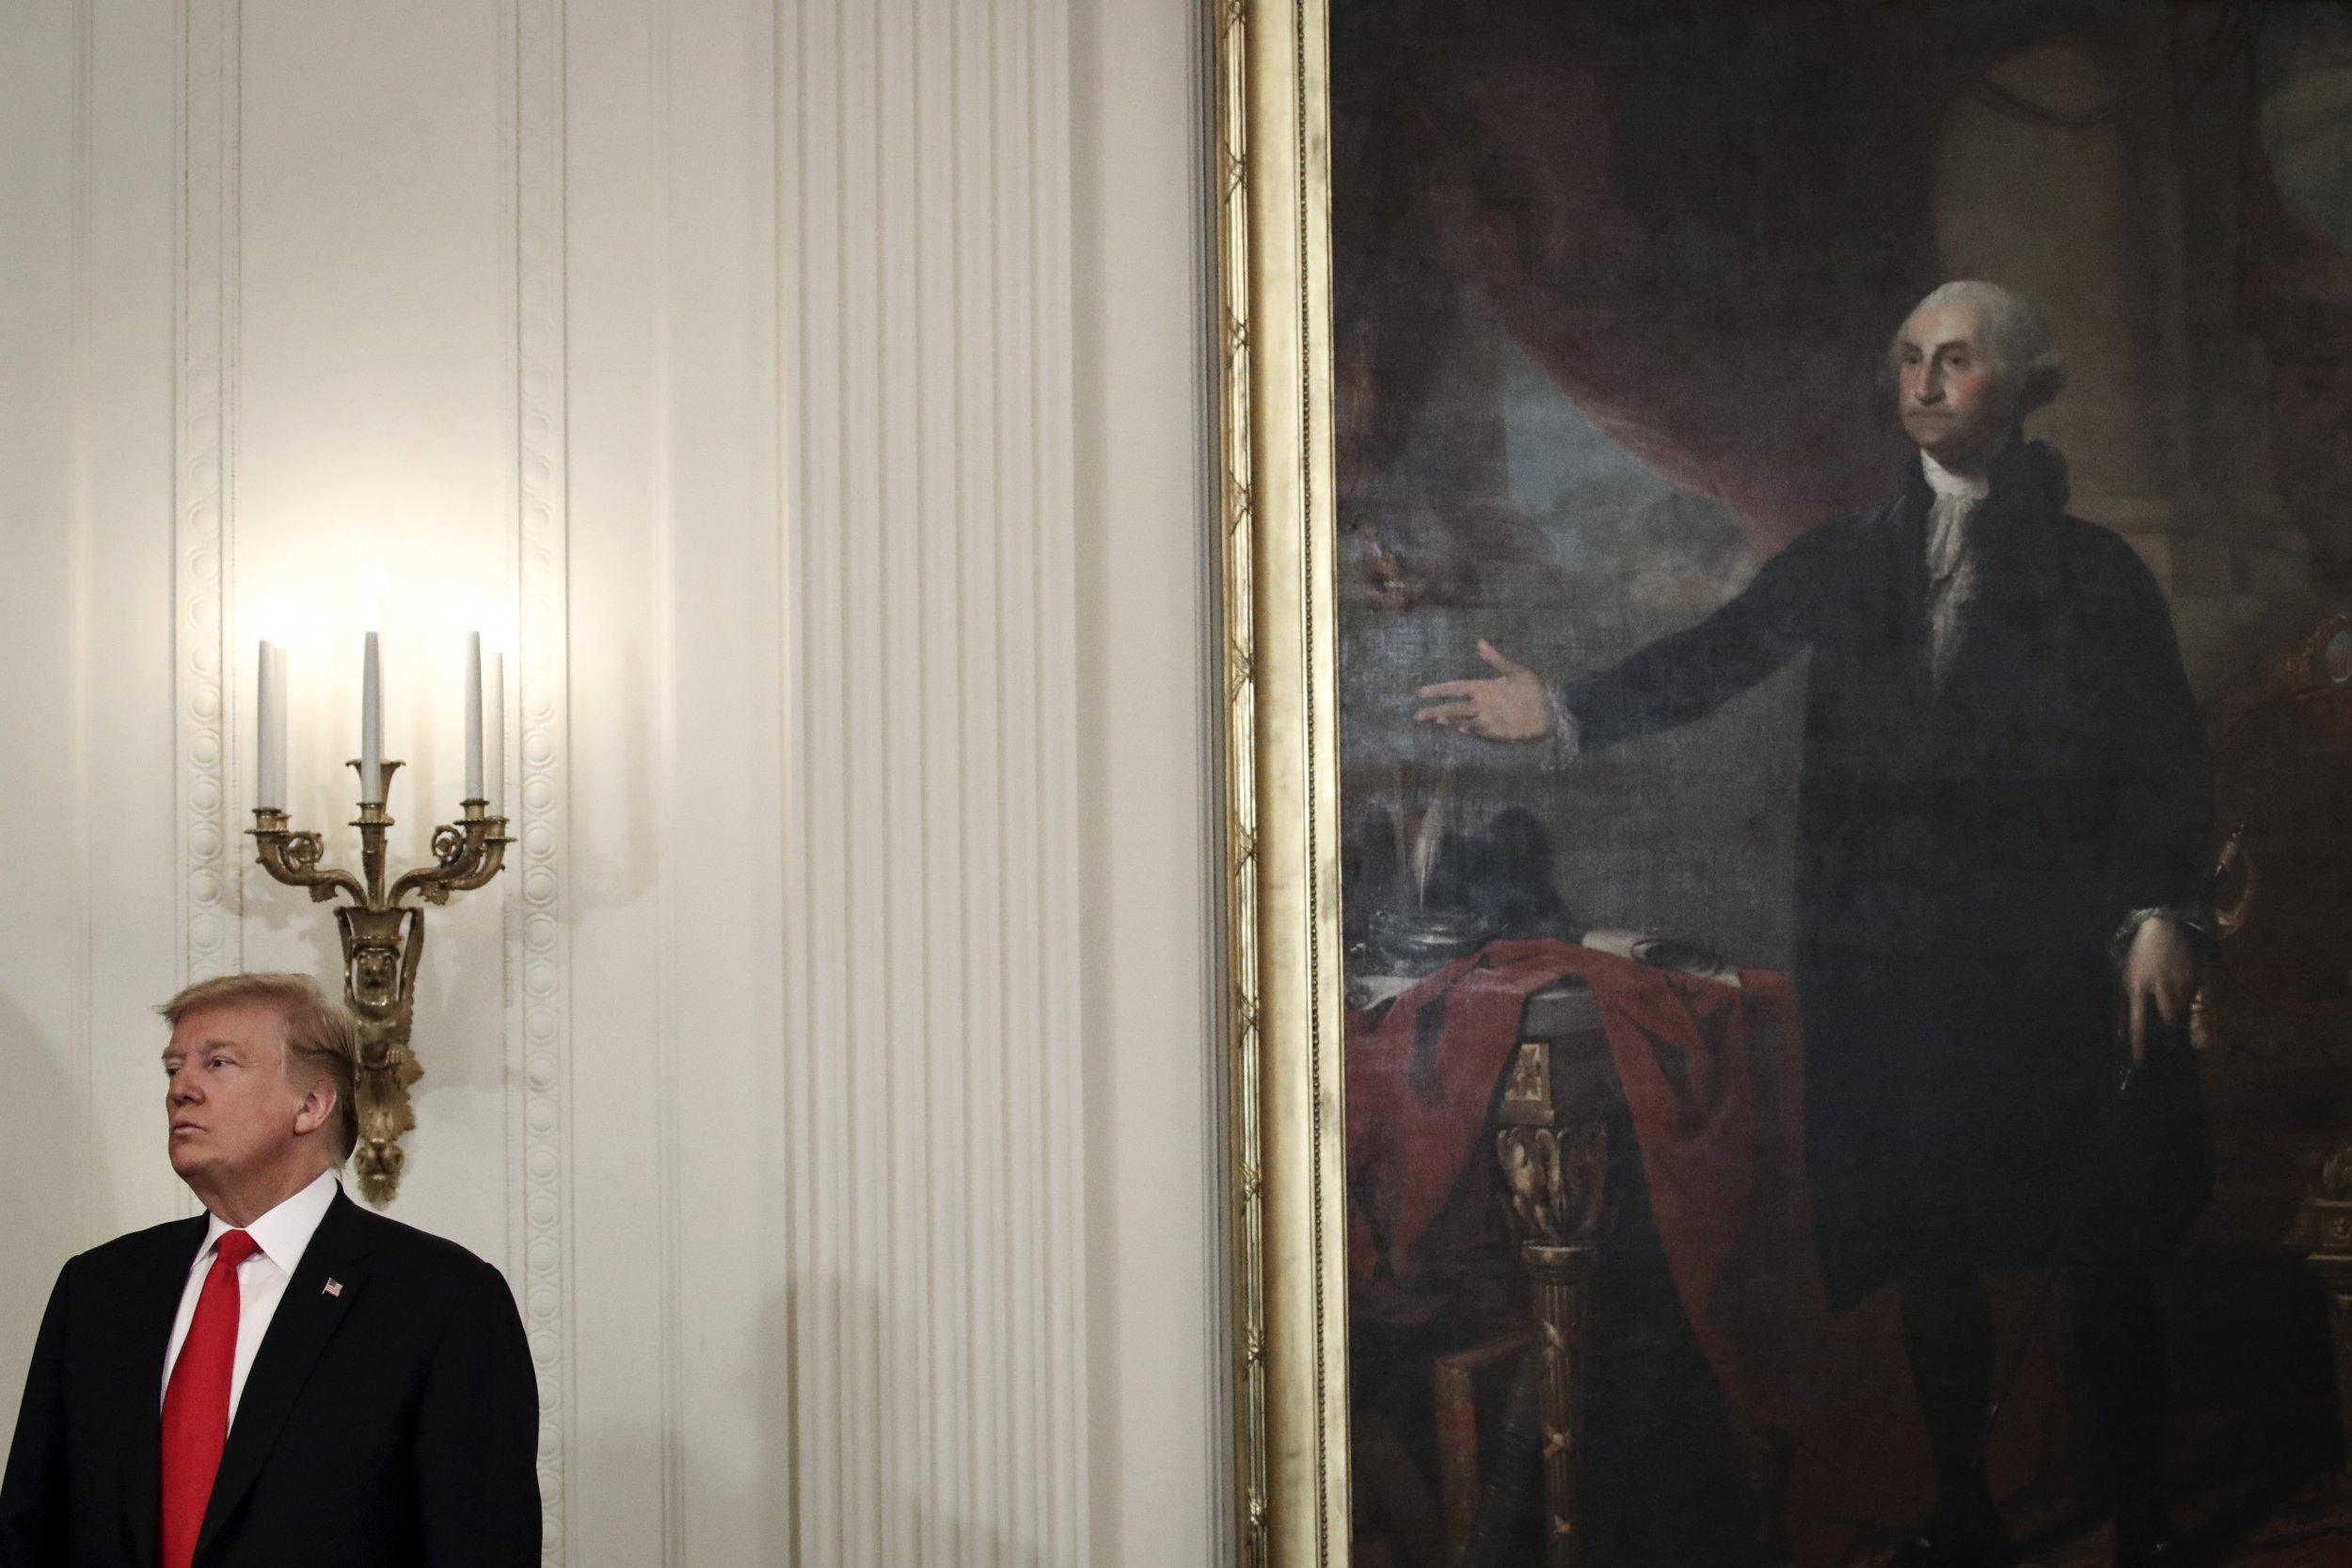 Donald Trump, future indictments, Mueller report, roadmap